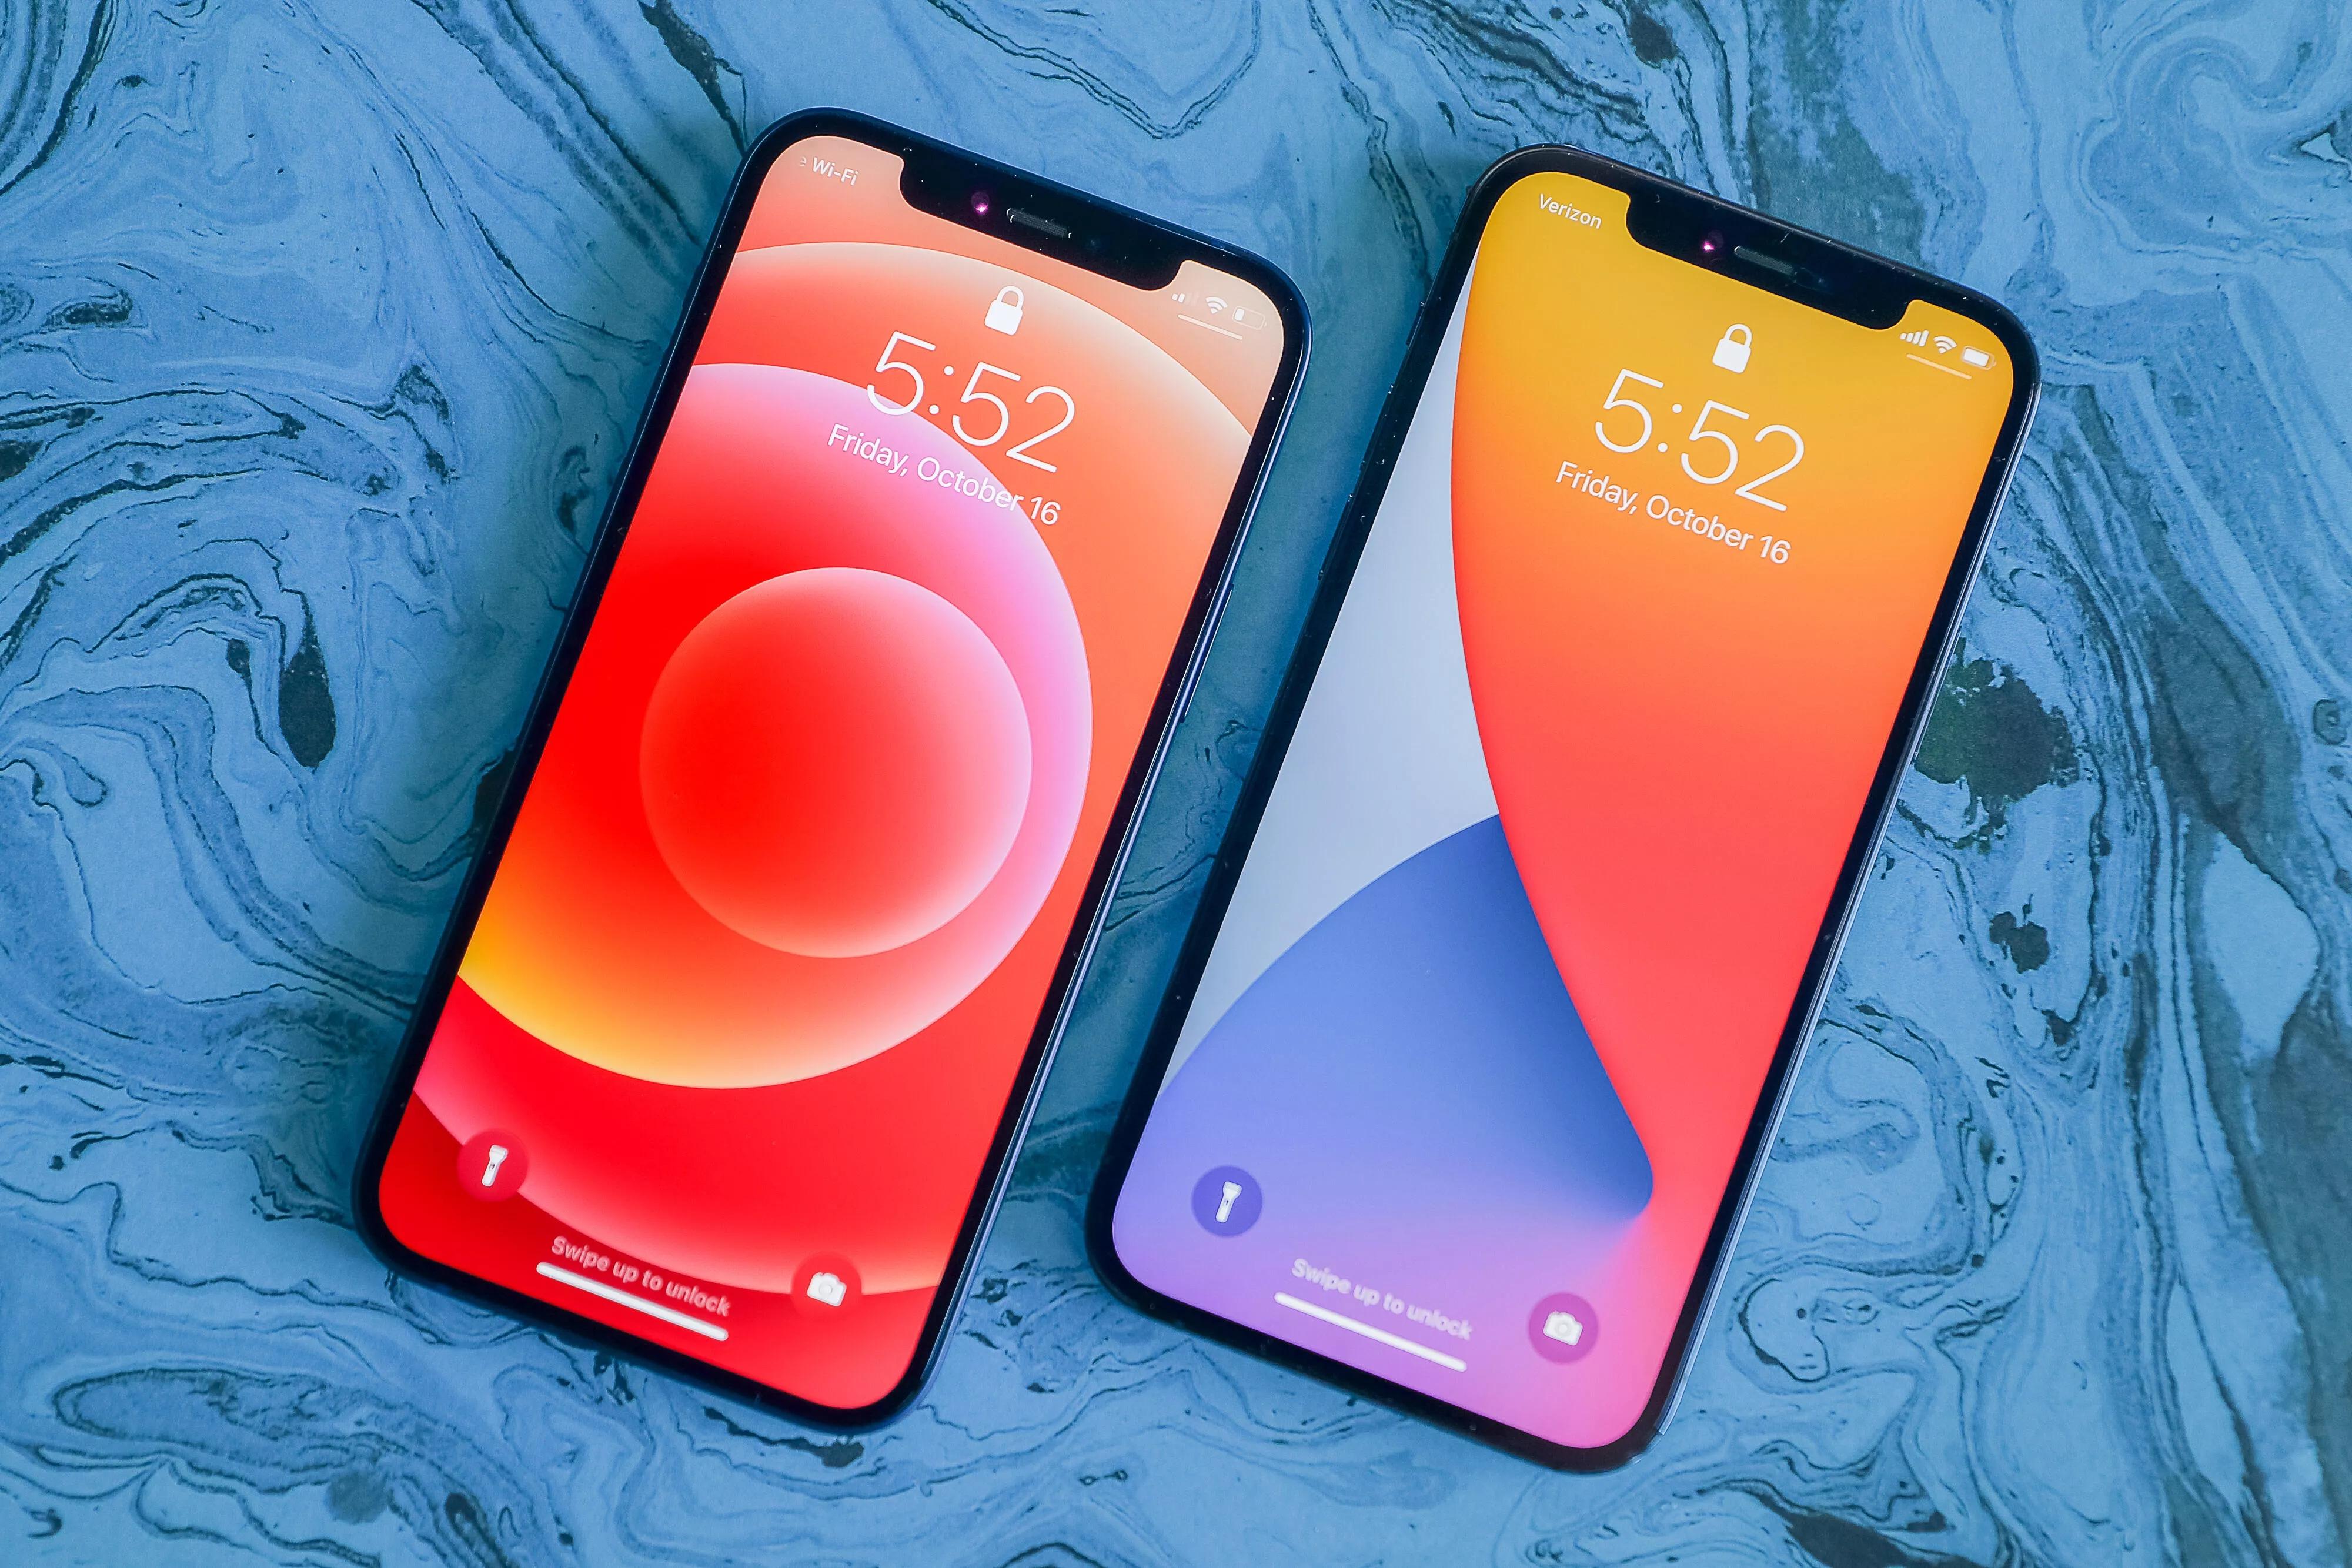 Источник: iPhone 13 Pro и iPhone 13 Pro Max получат экраны на 120 Гц c функцией Always-On Display